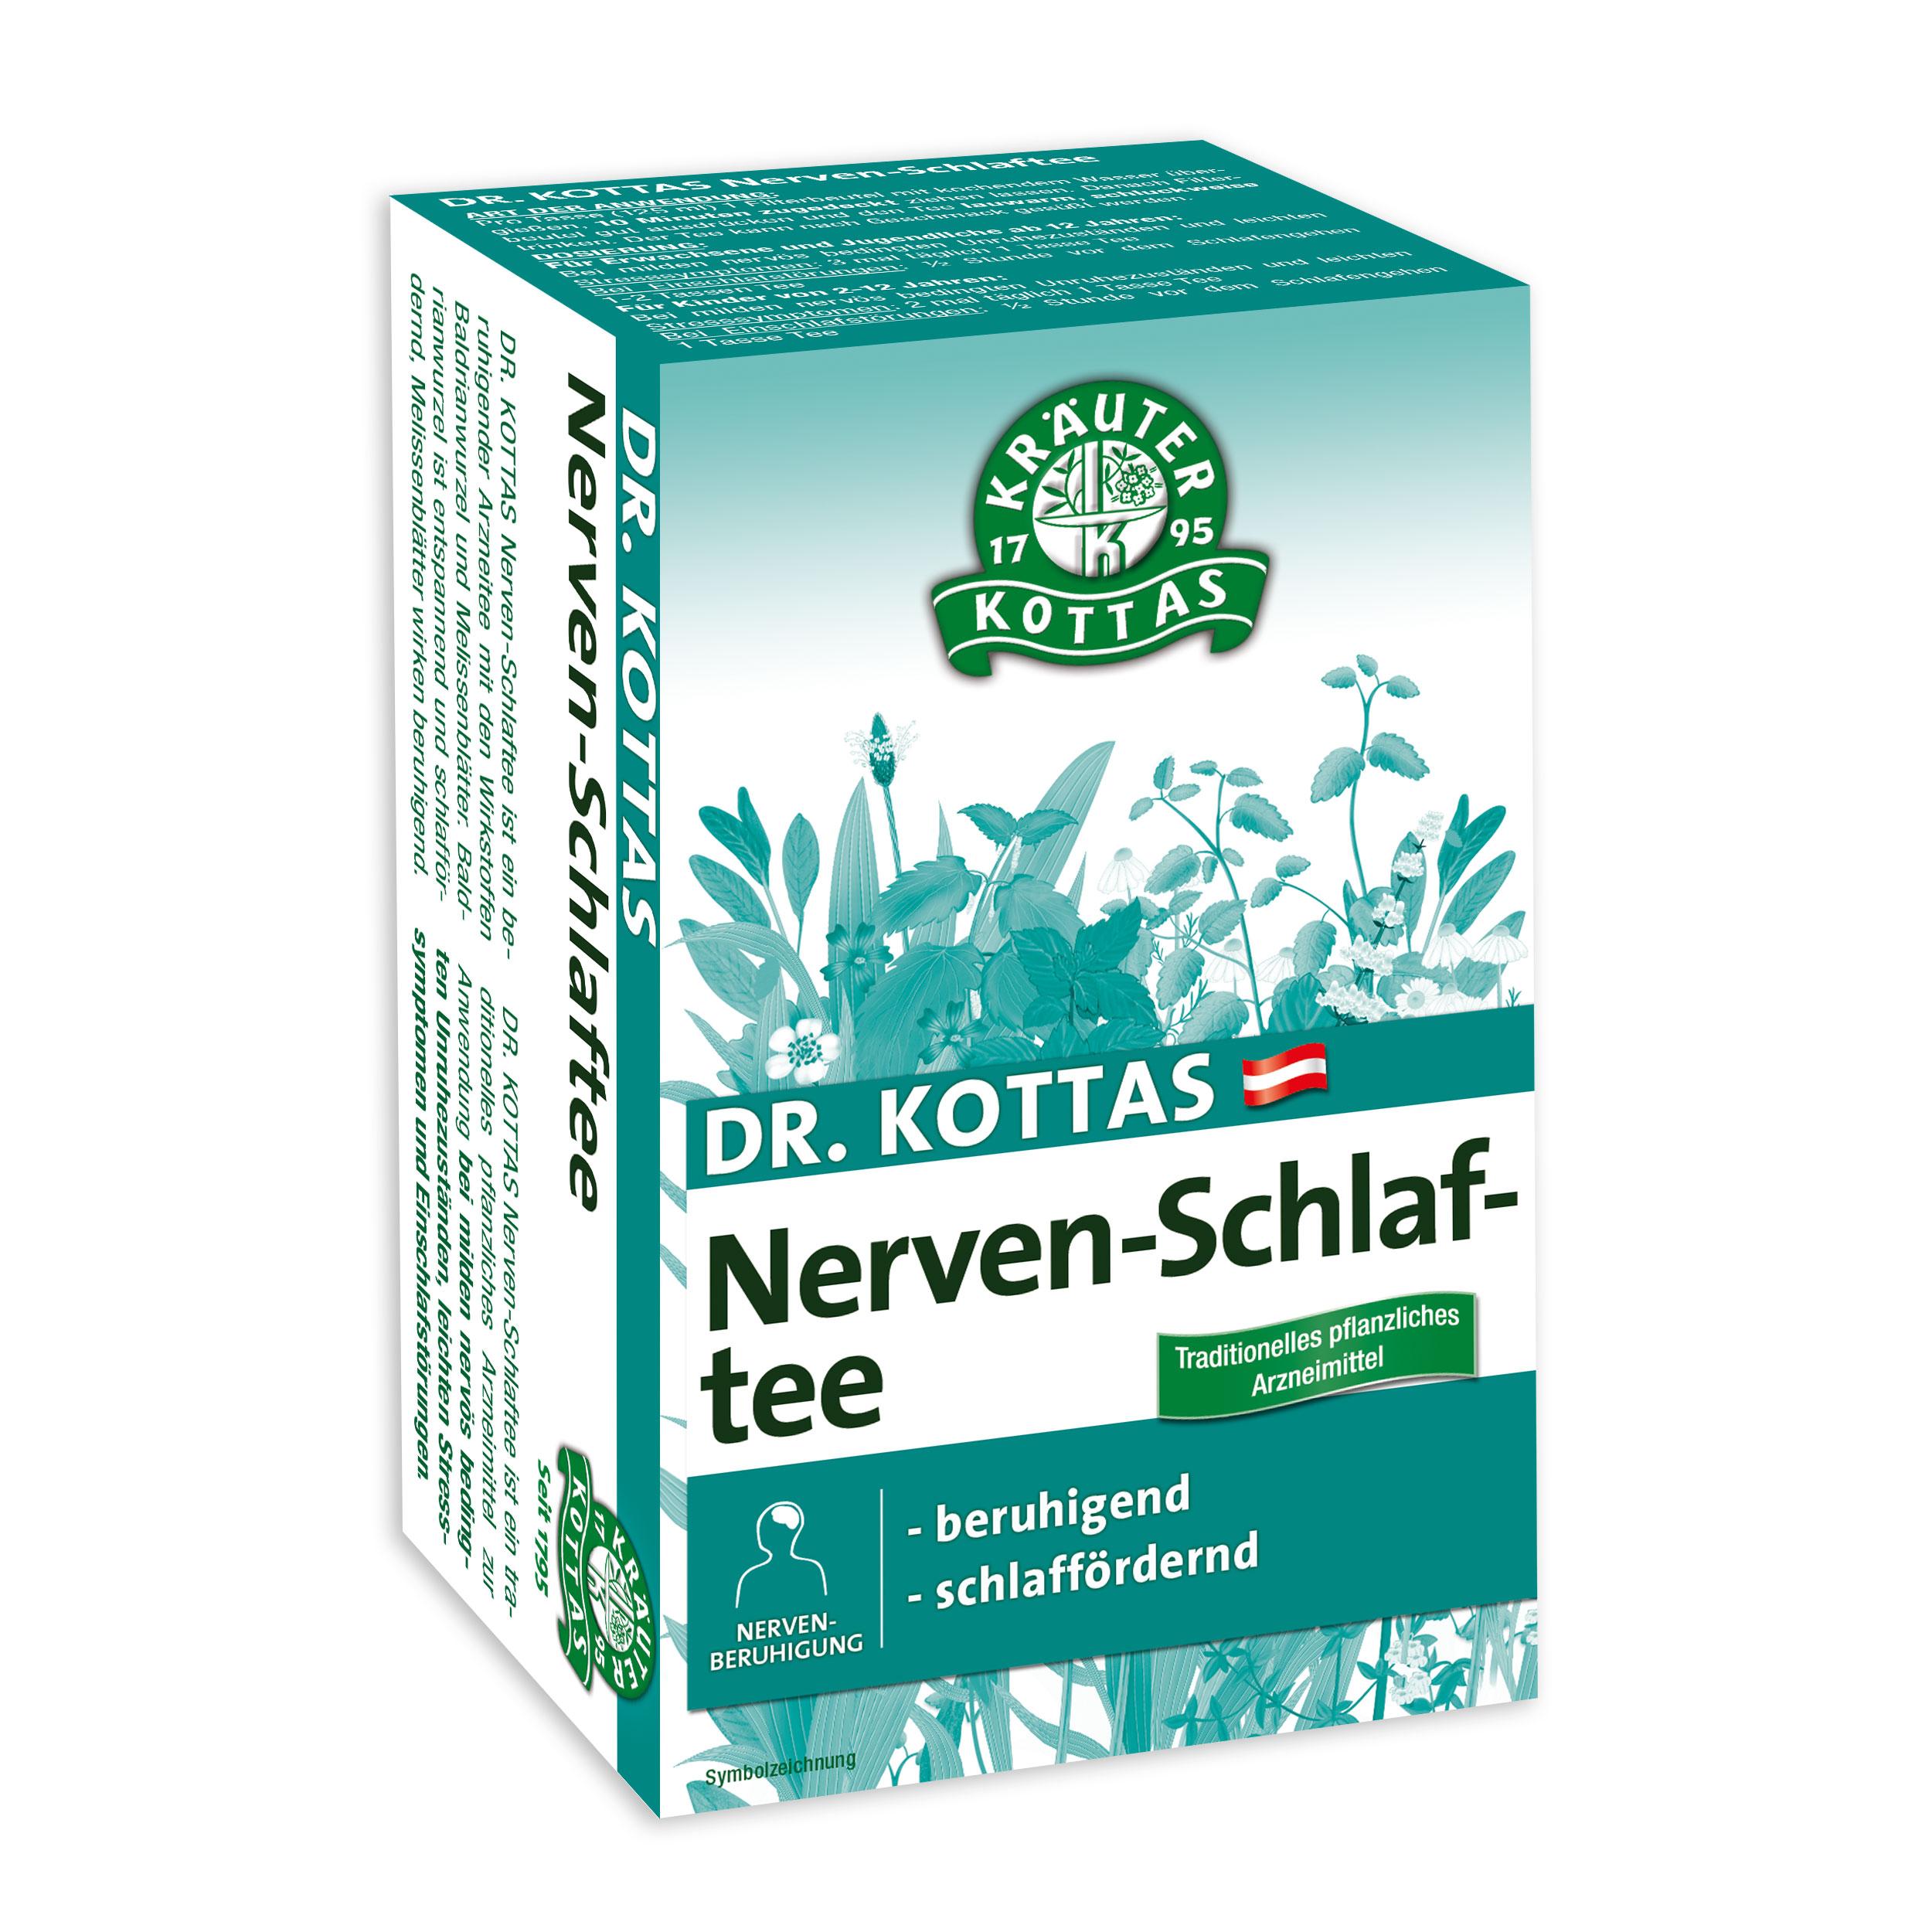 DR. KOTTAS Nerven-Schlaftee